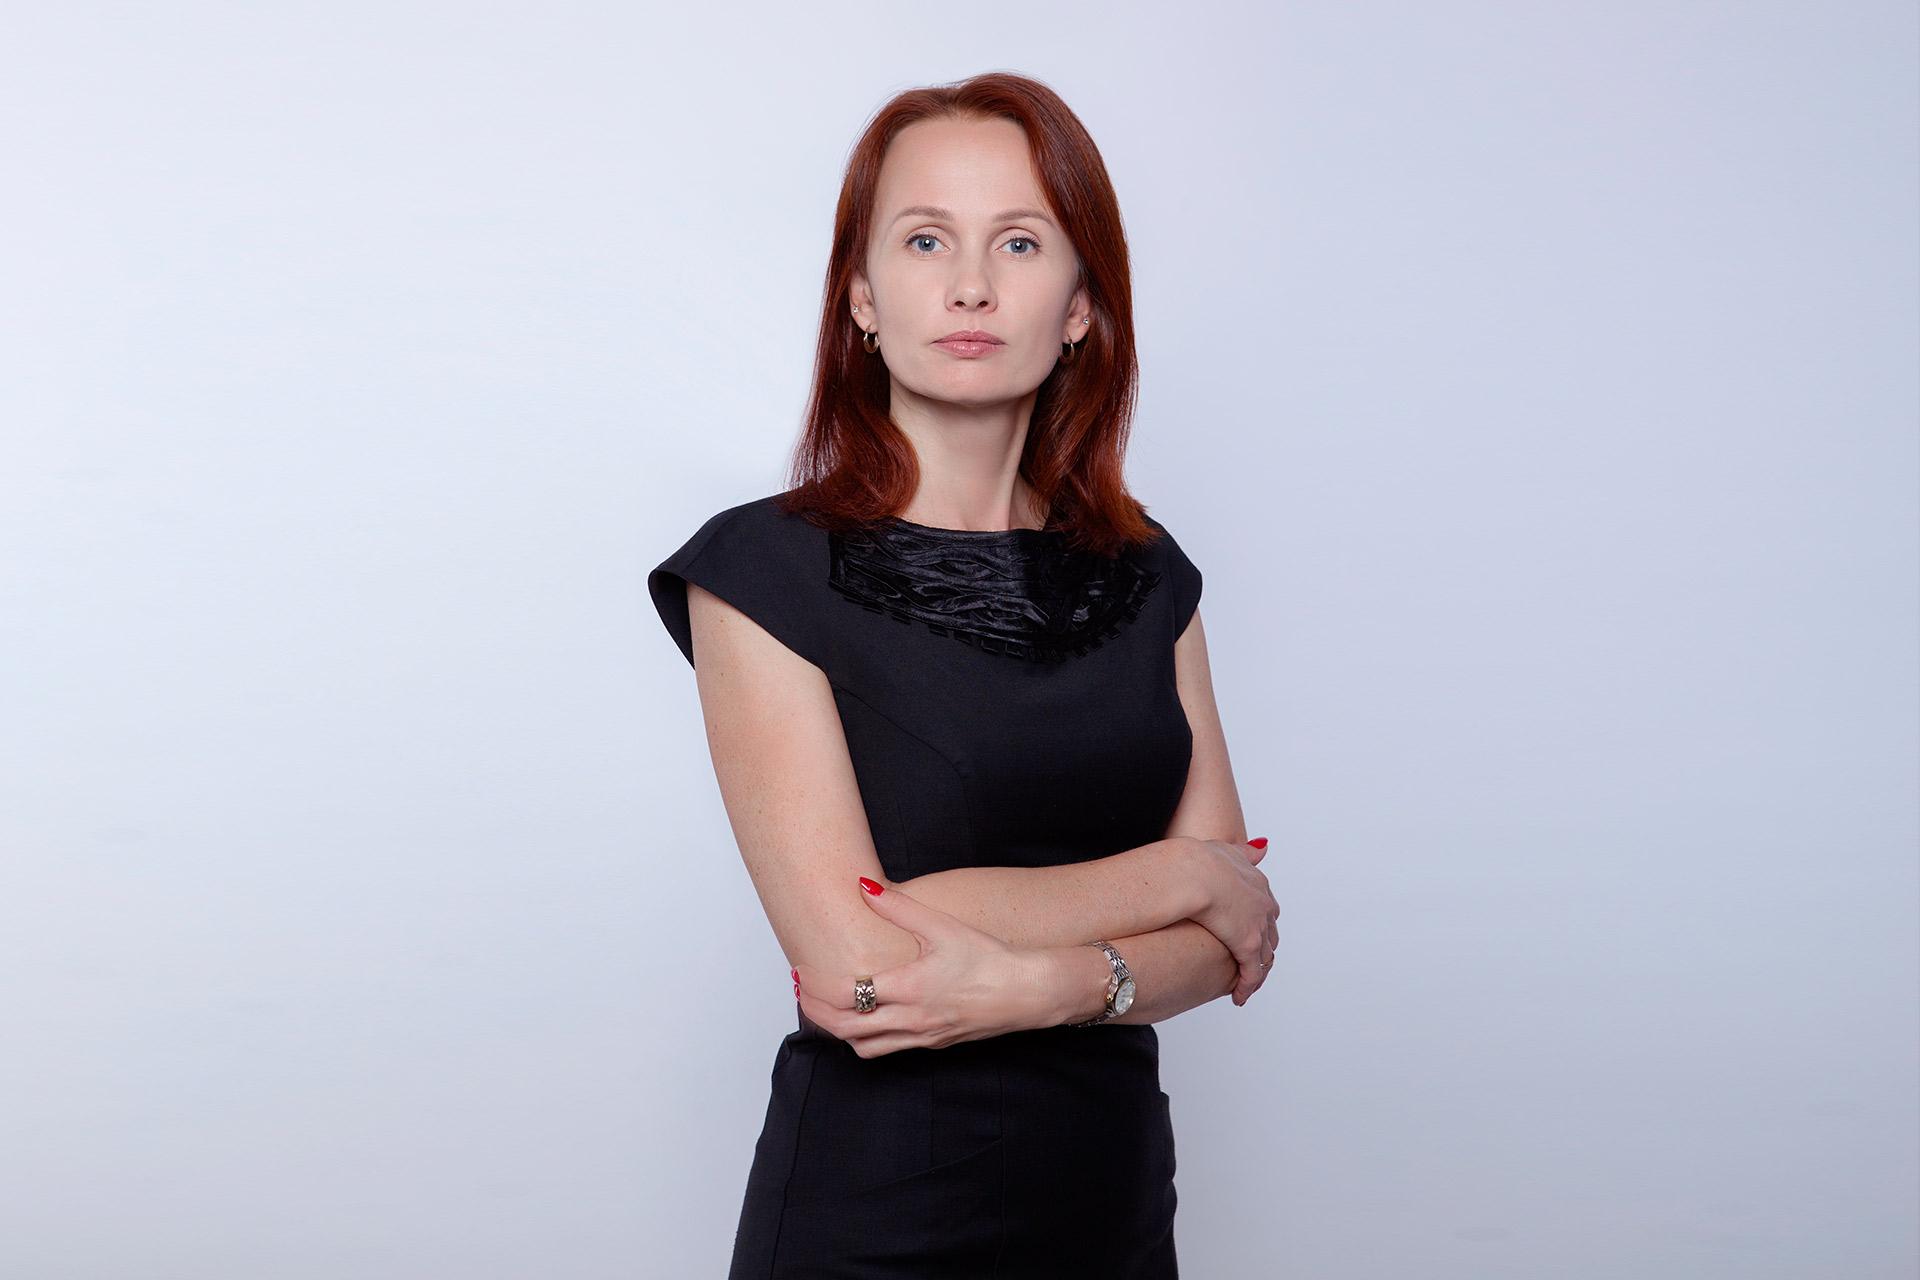 Спикер: Задорожная Евгения, эксперт в области управления мотивацией